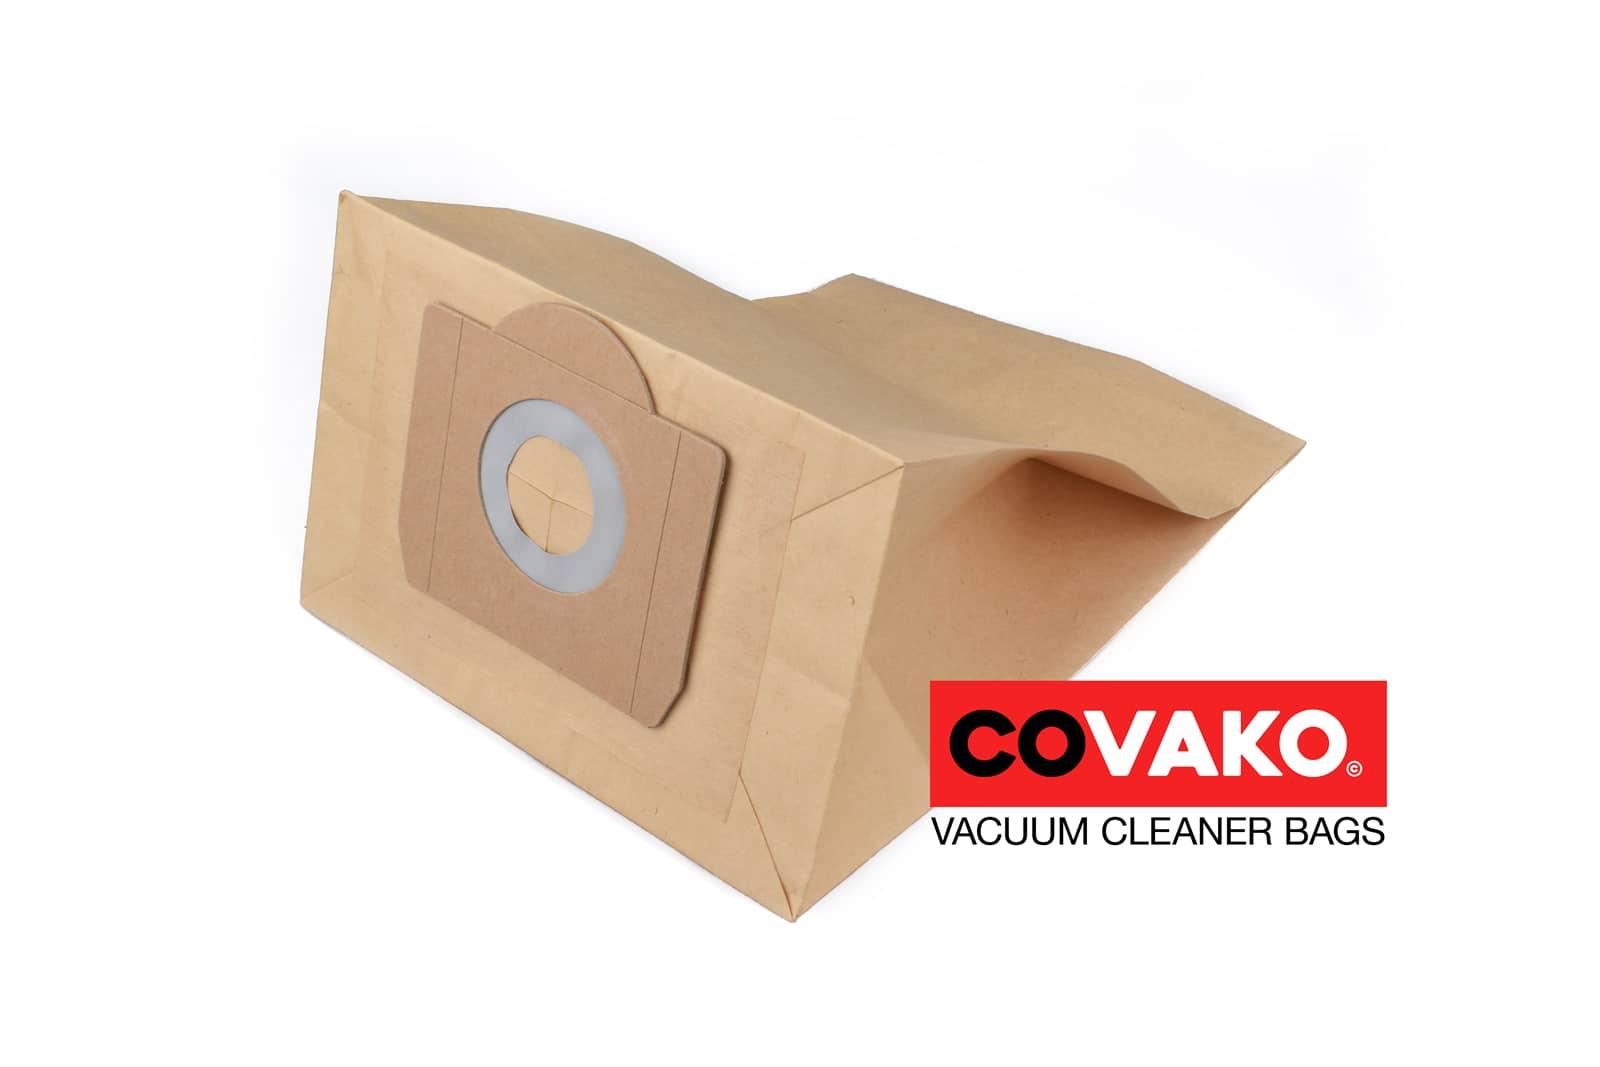 Fakir IC 213 / Papier - Fakir sacs d'aspirateur